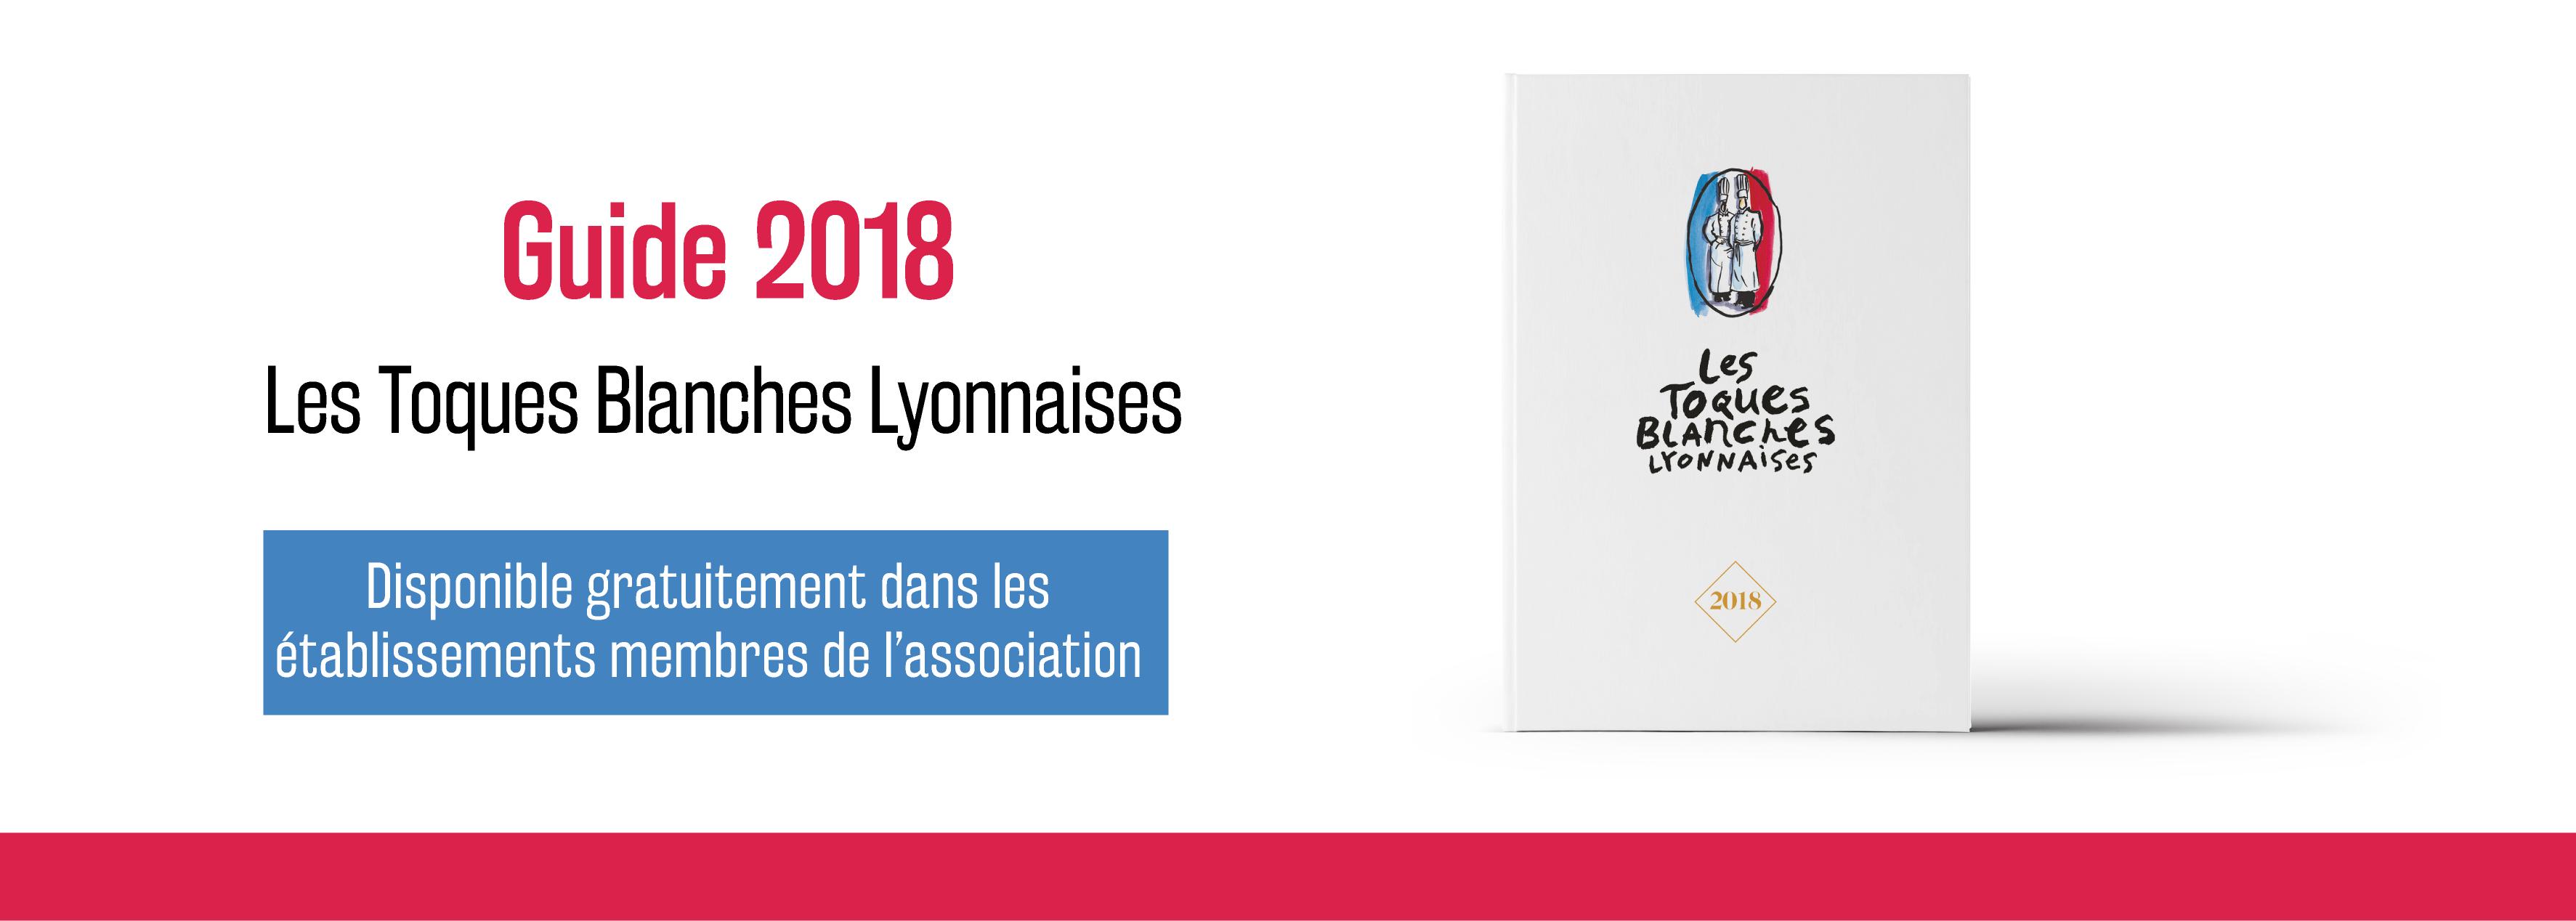 Nouveau guide des Toques Blanches Lyonnaises 2018